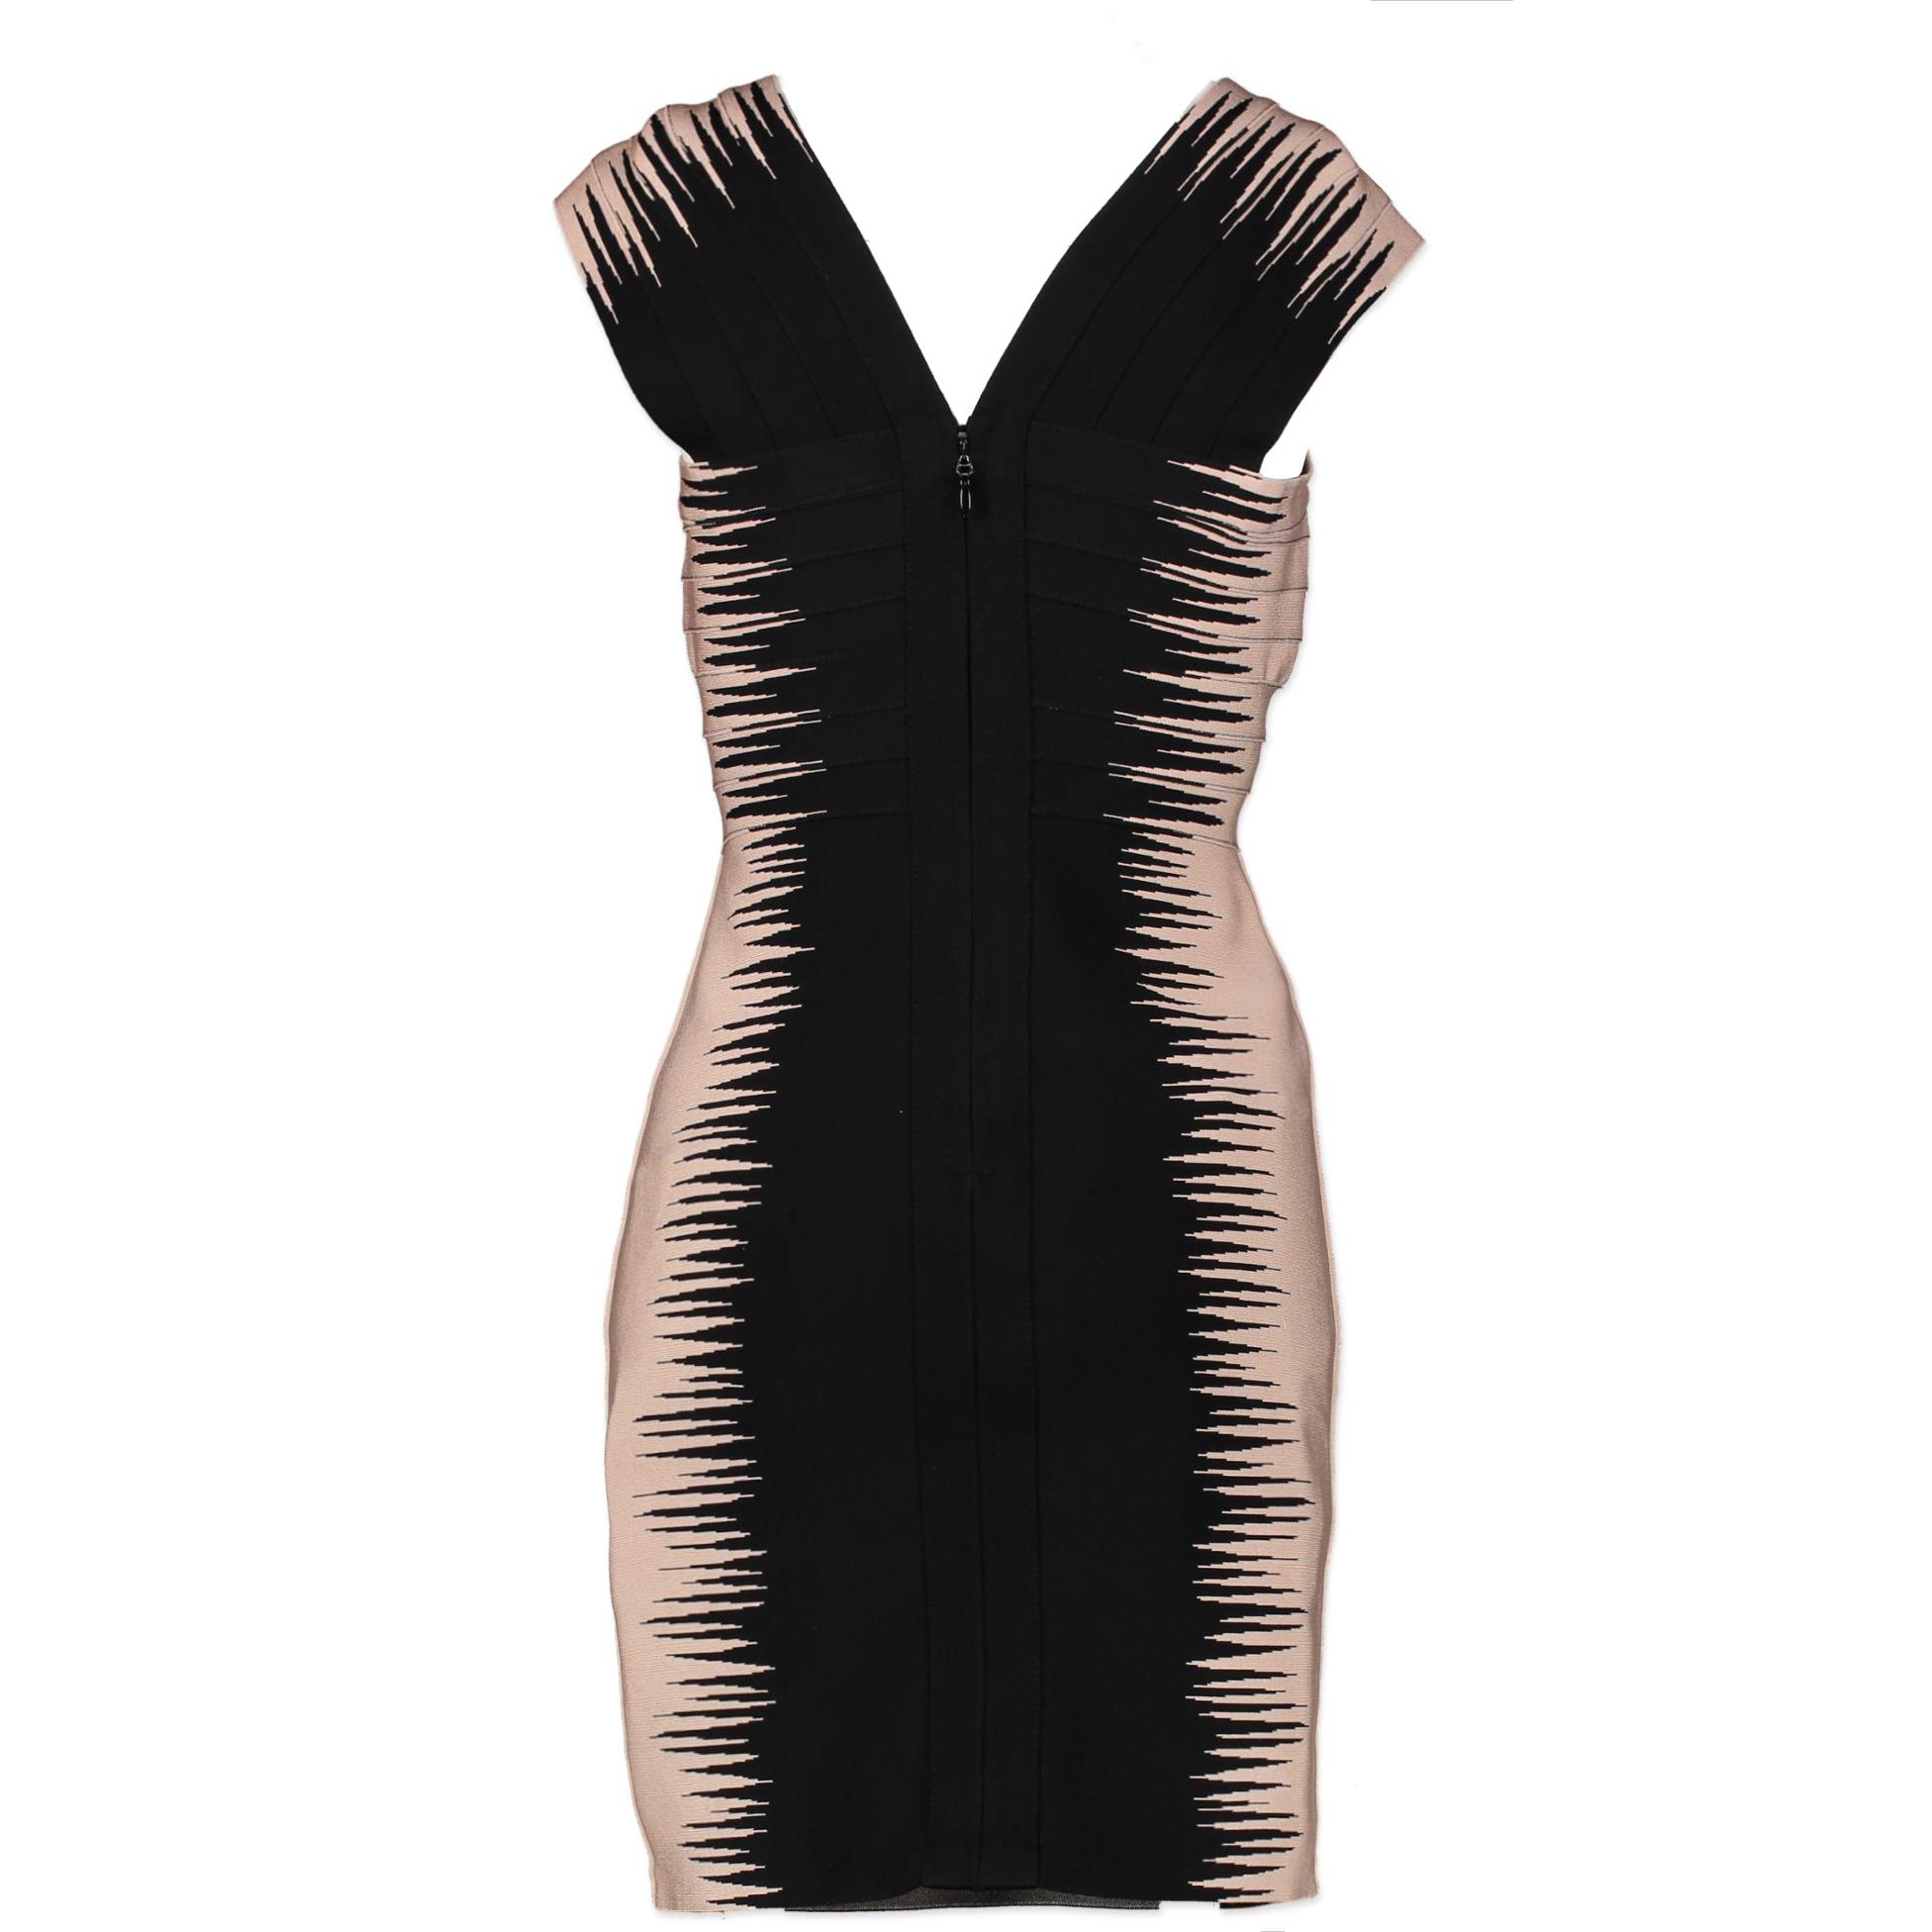 Hervé Léger Bandage Dress - size M back of the dress